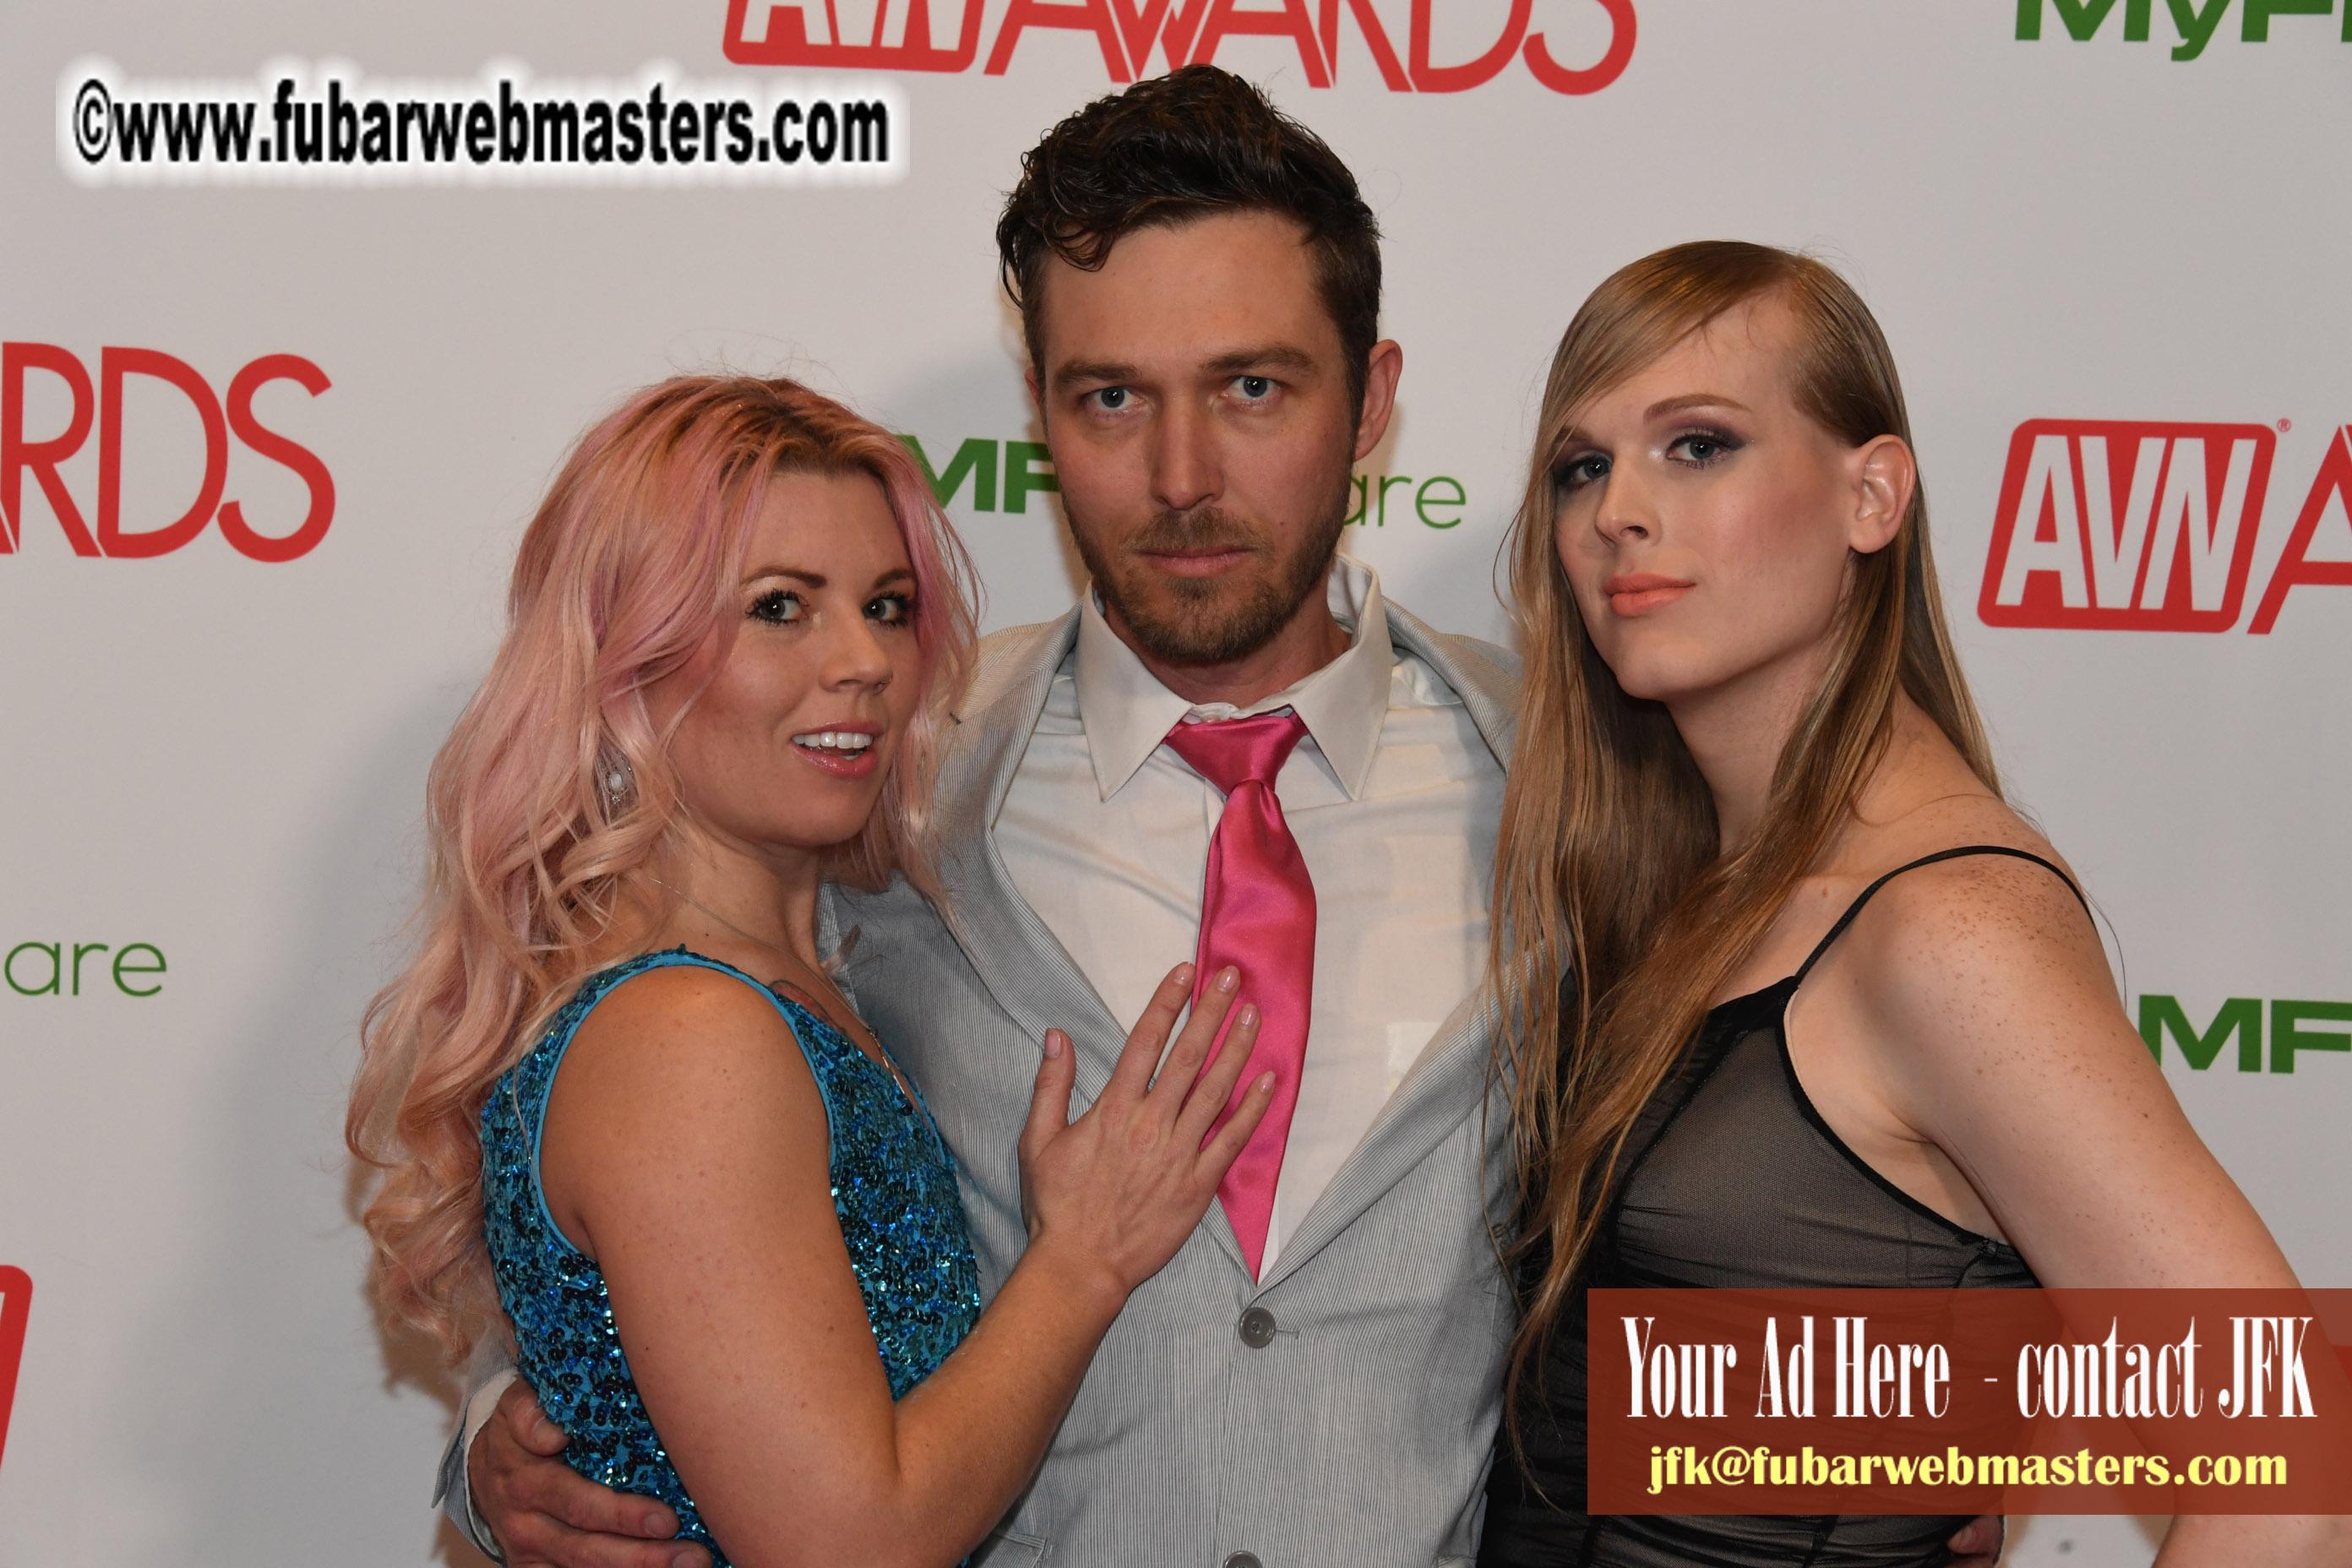 AVN Awards 2020 Red Carpet